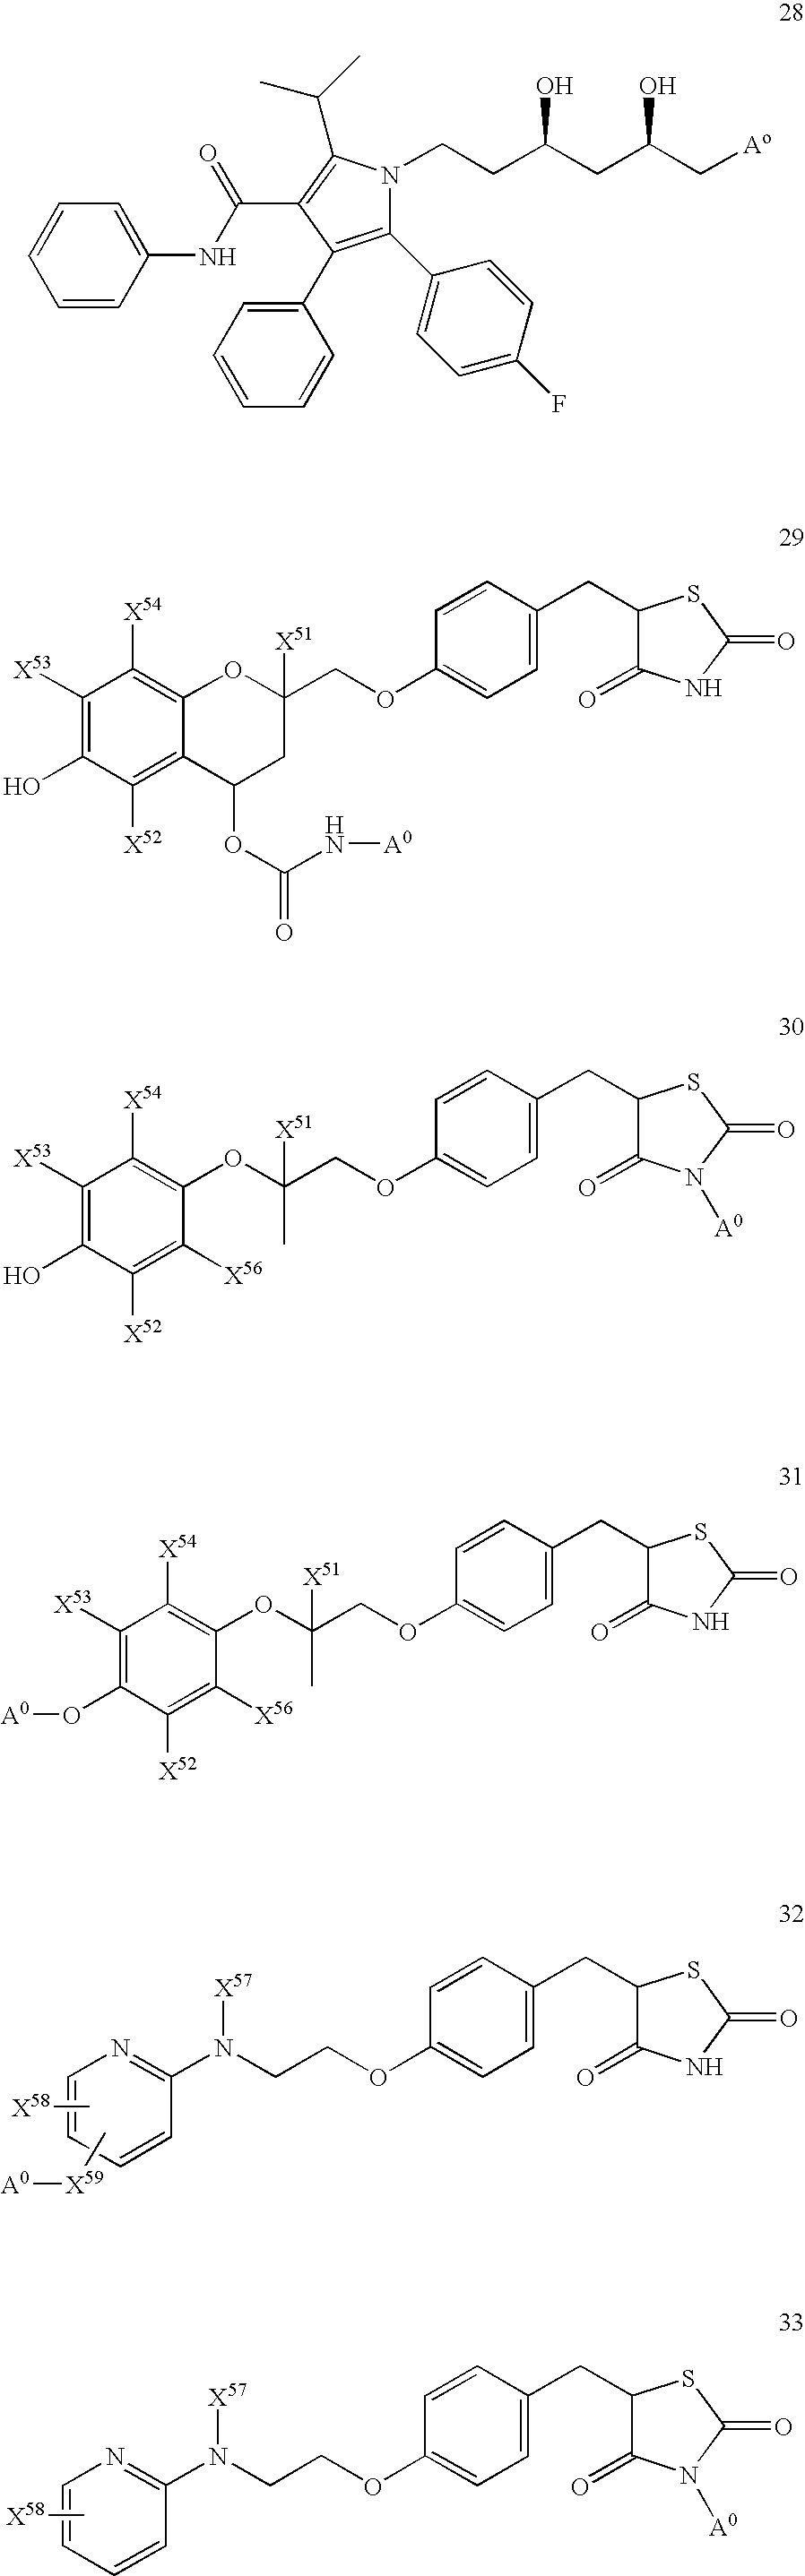 Figure US07407965-20080805-C00016